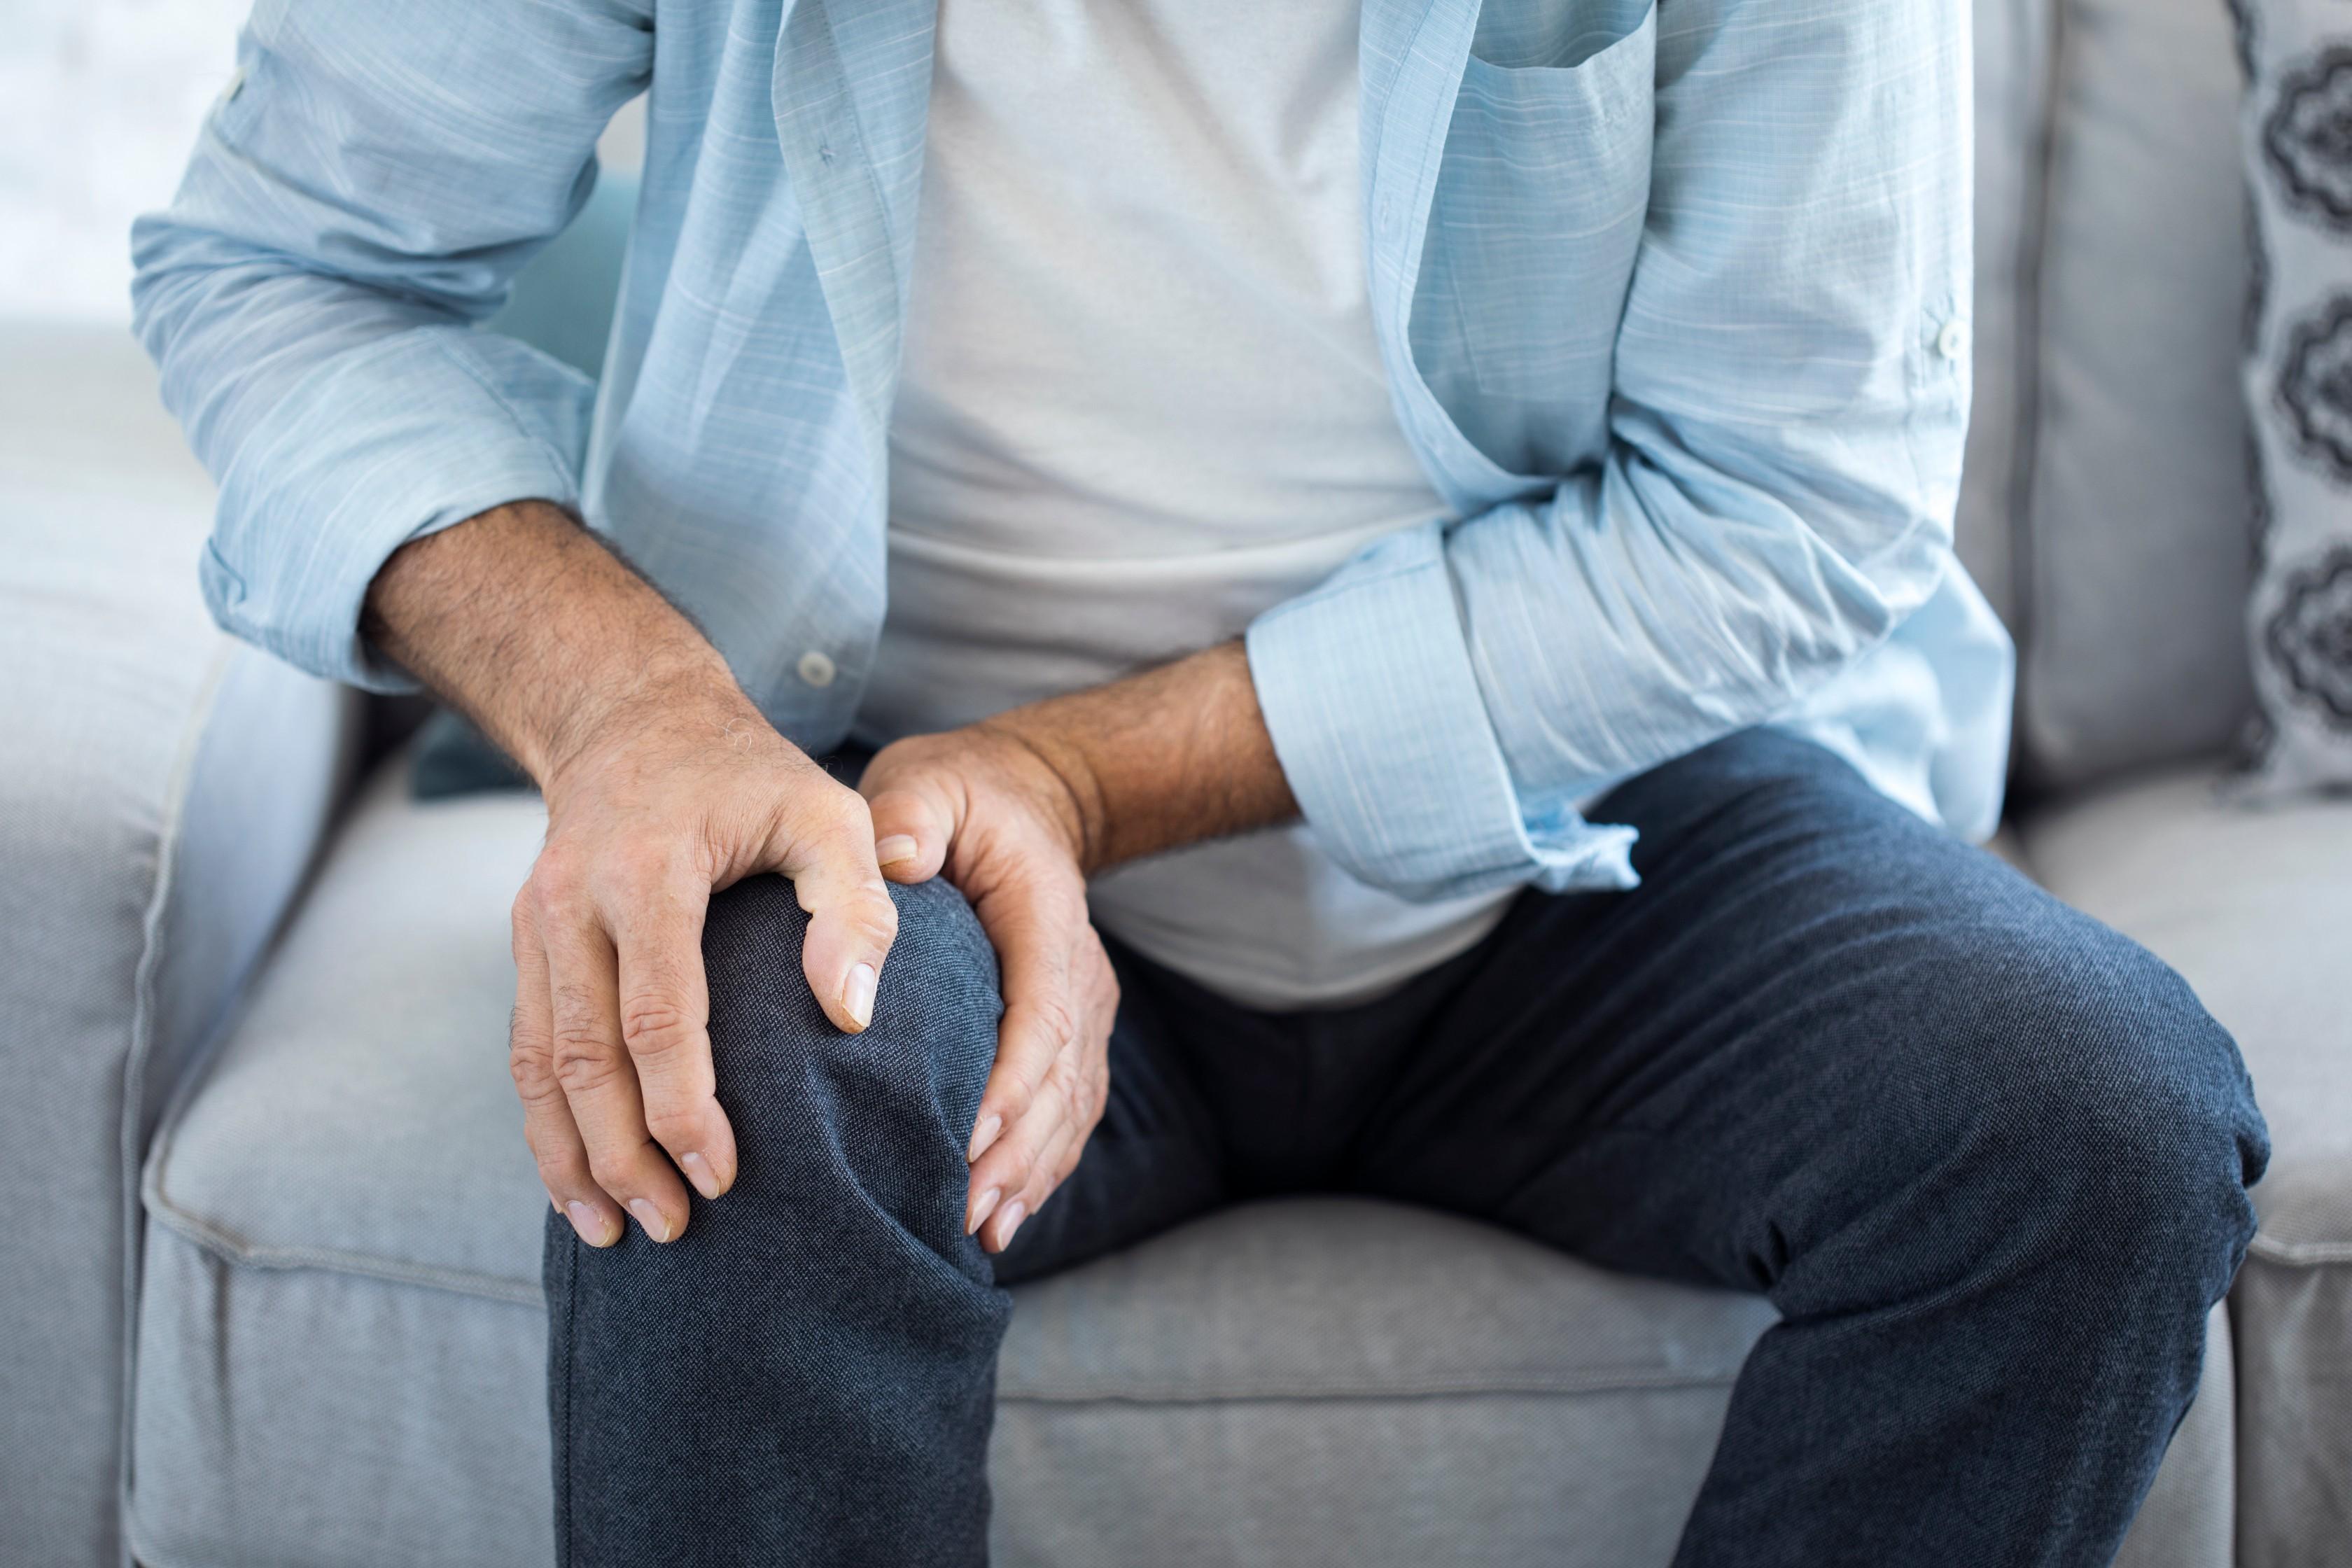 vállfájdalomkezelő gyógyszerek a térdízület akut izületi gyulladása prognózisos kezelést okoz